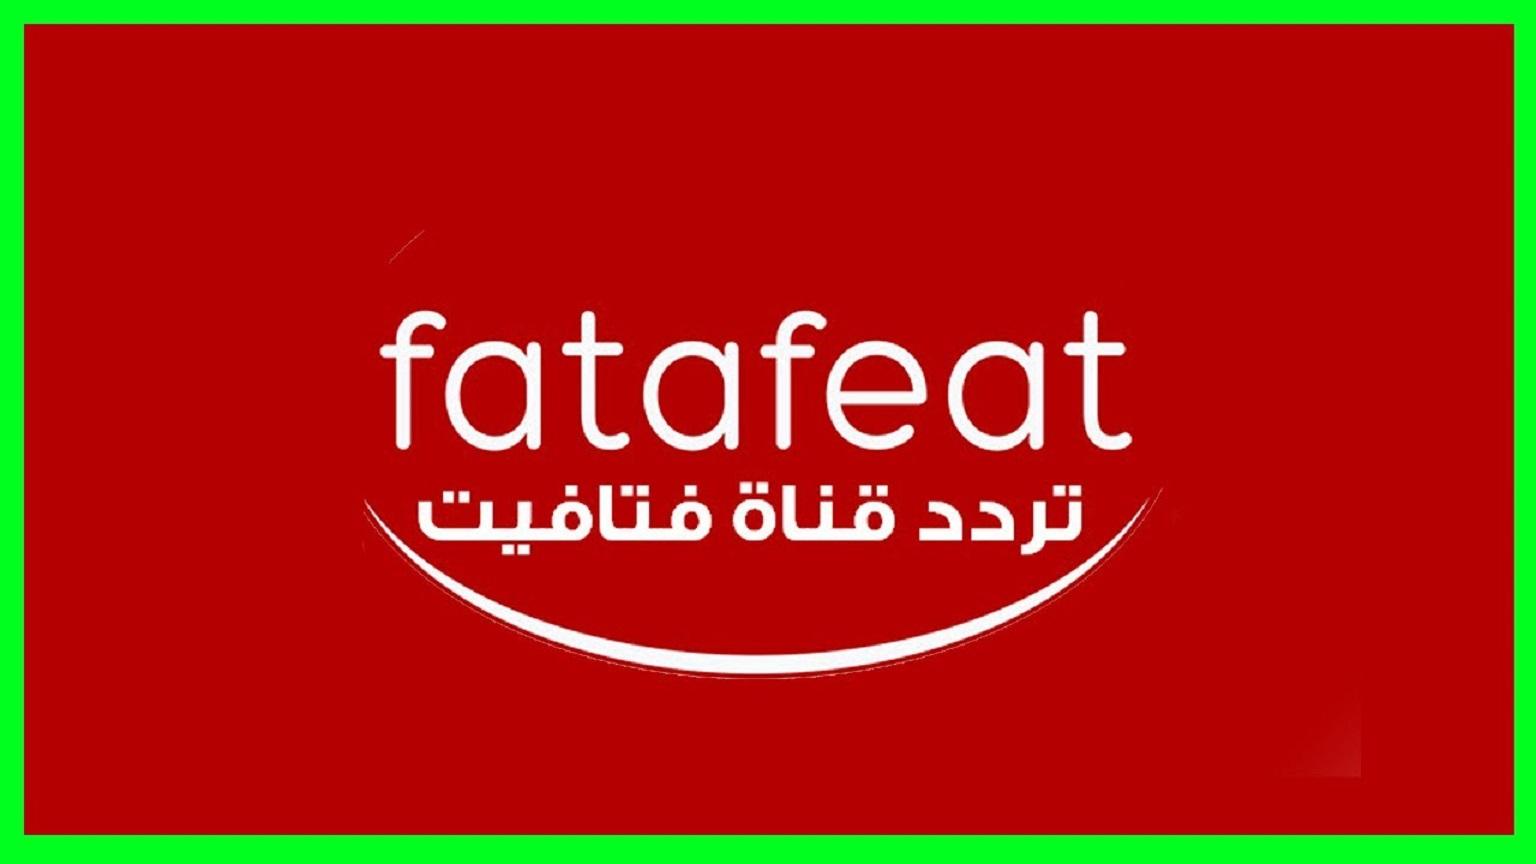 """""""اضبط الآن"""" تردد قناة فتافيت 2020 على النايل سات لمتابعة وصفات اعداد الطعام في رمضان"""